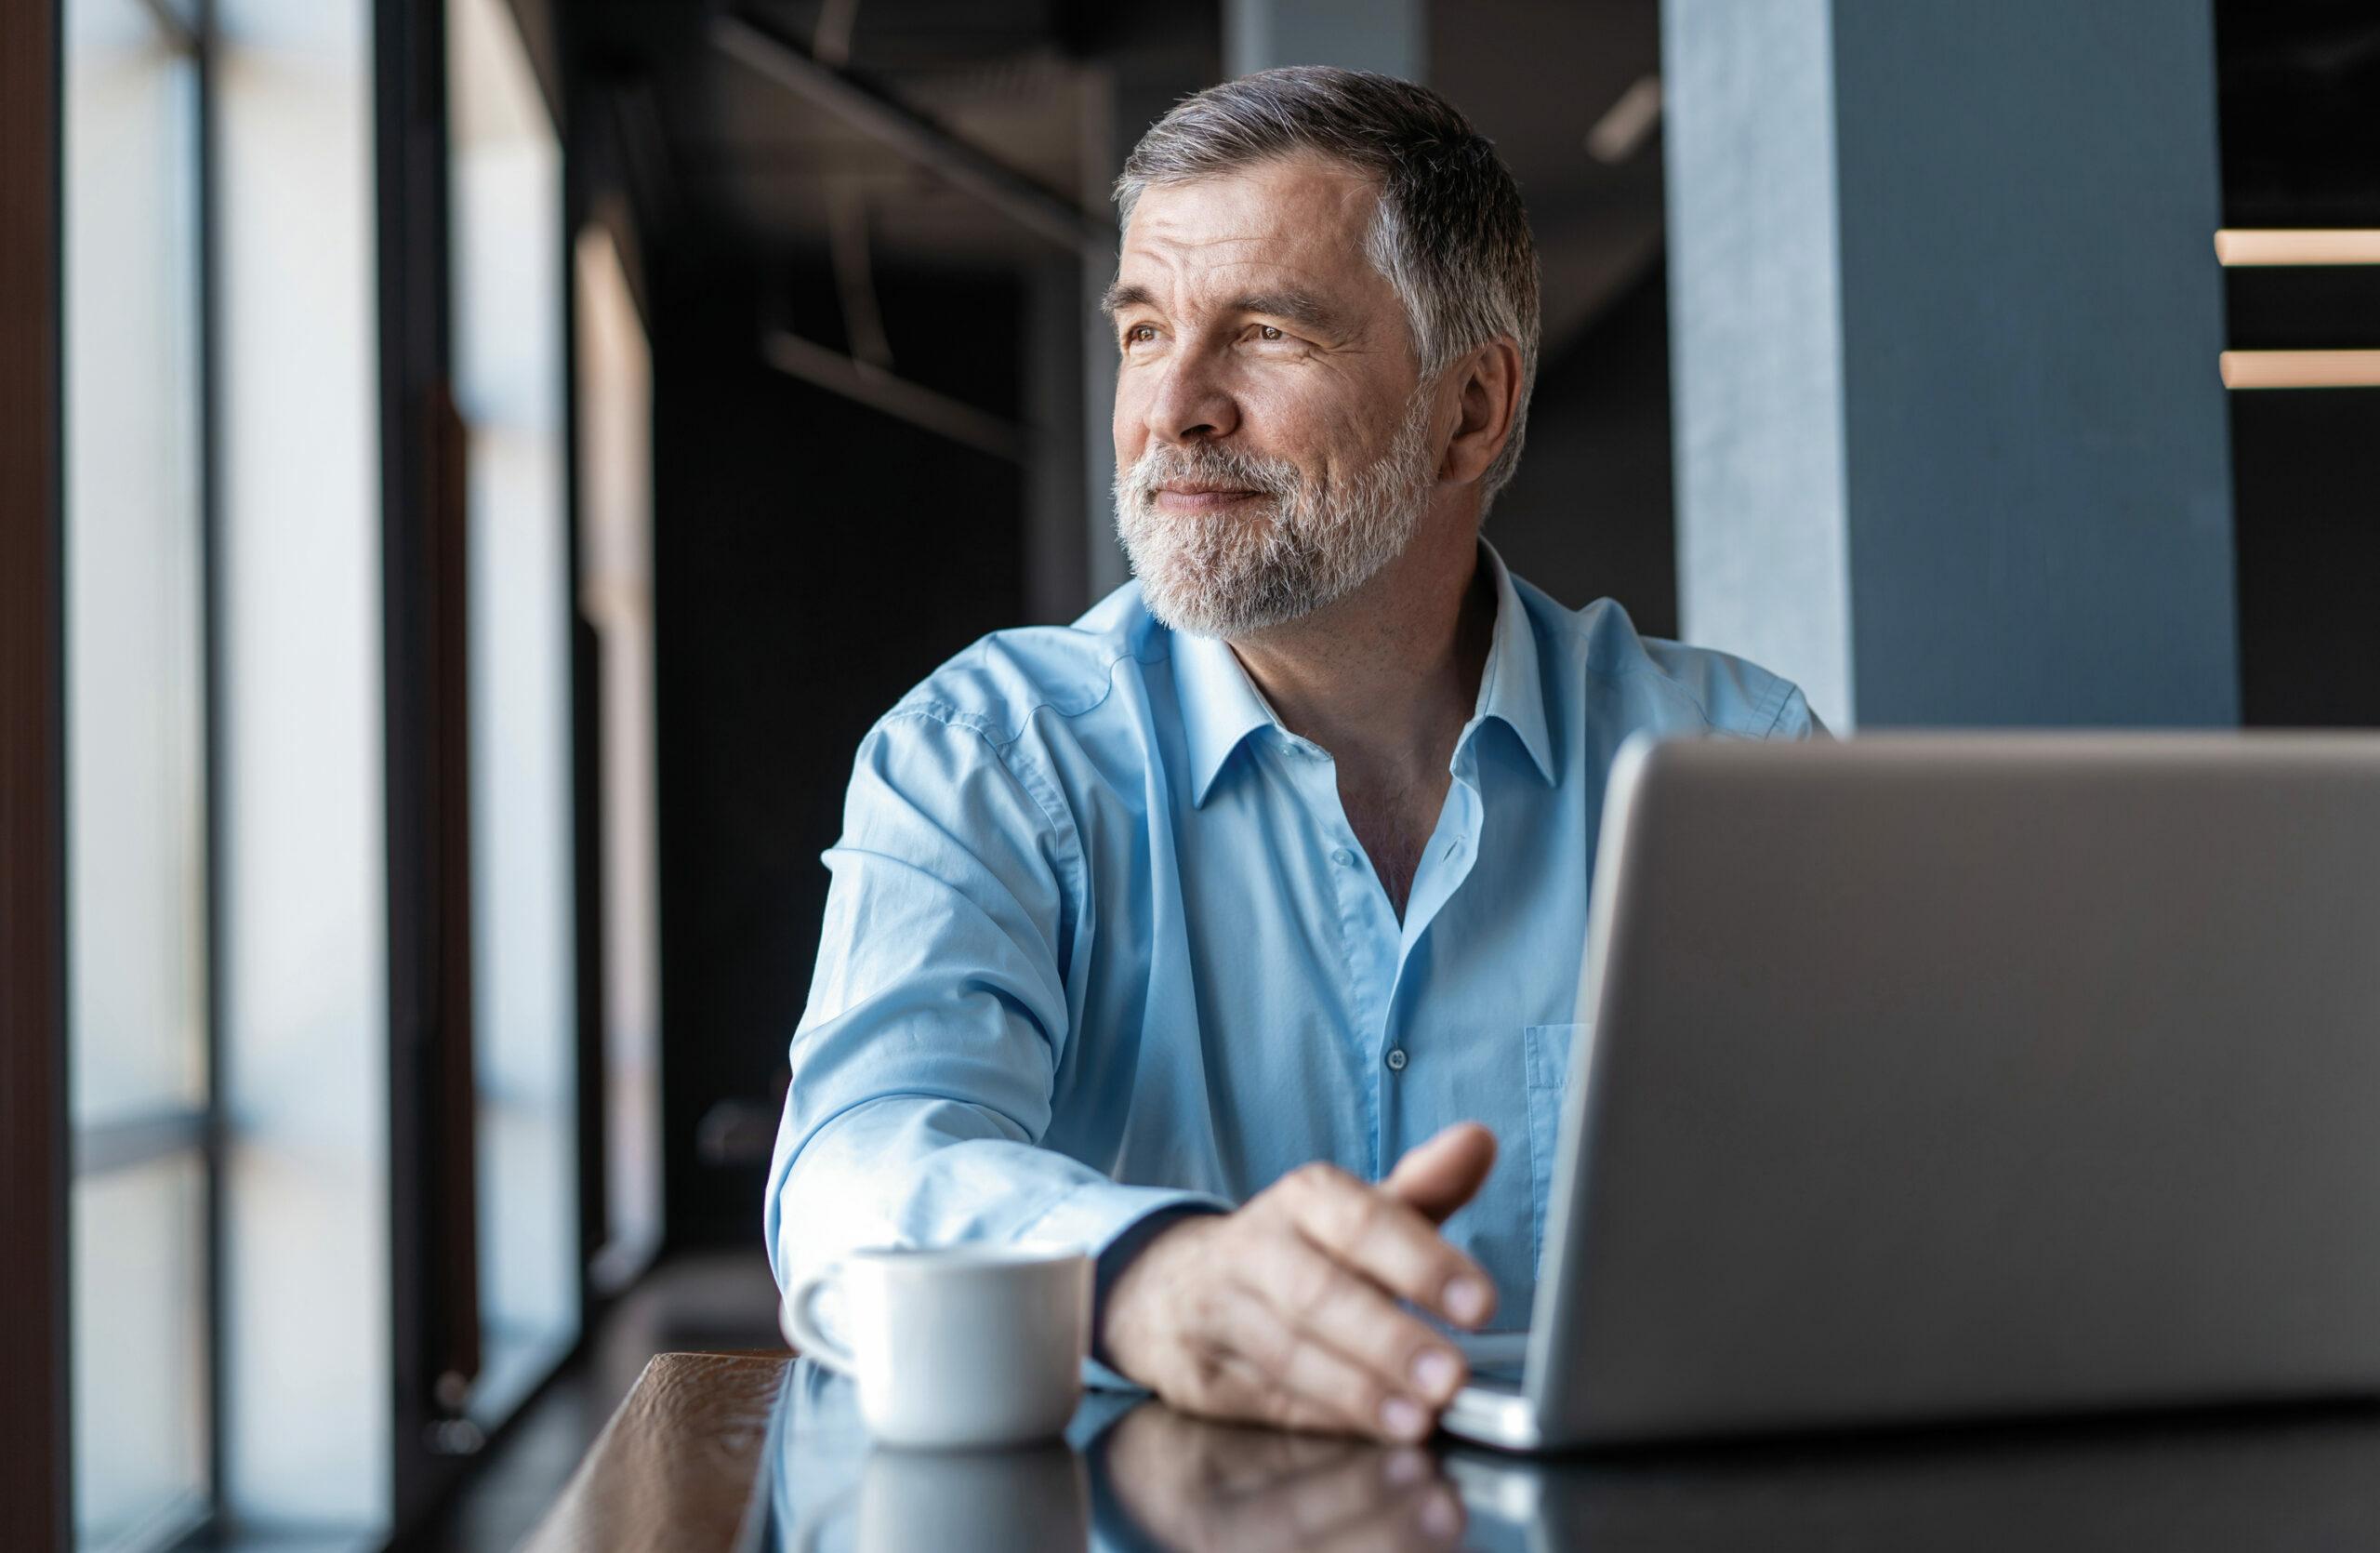 Elder gentleman on laptop